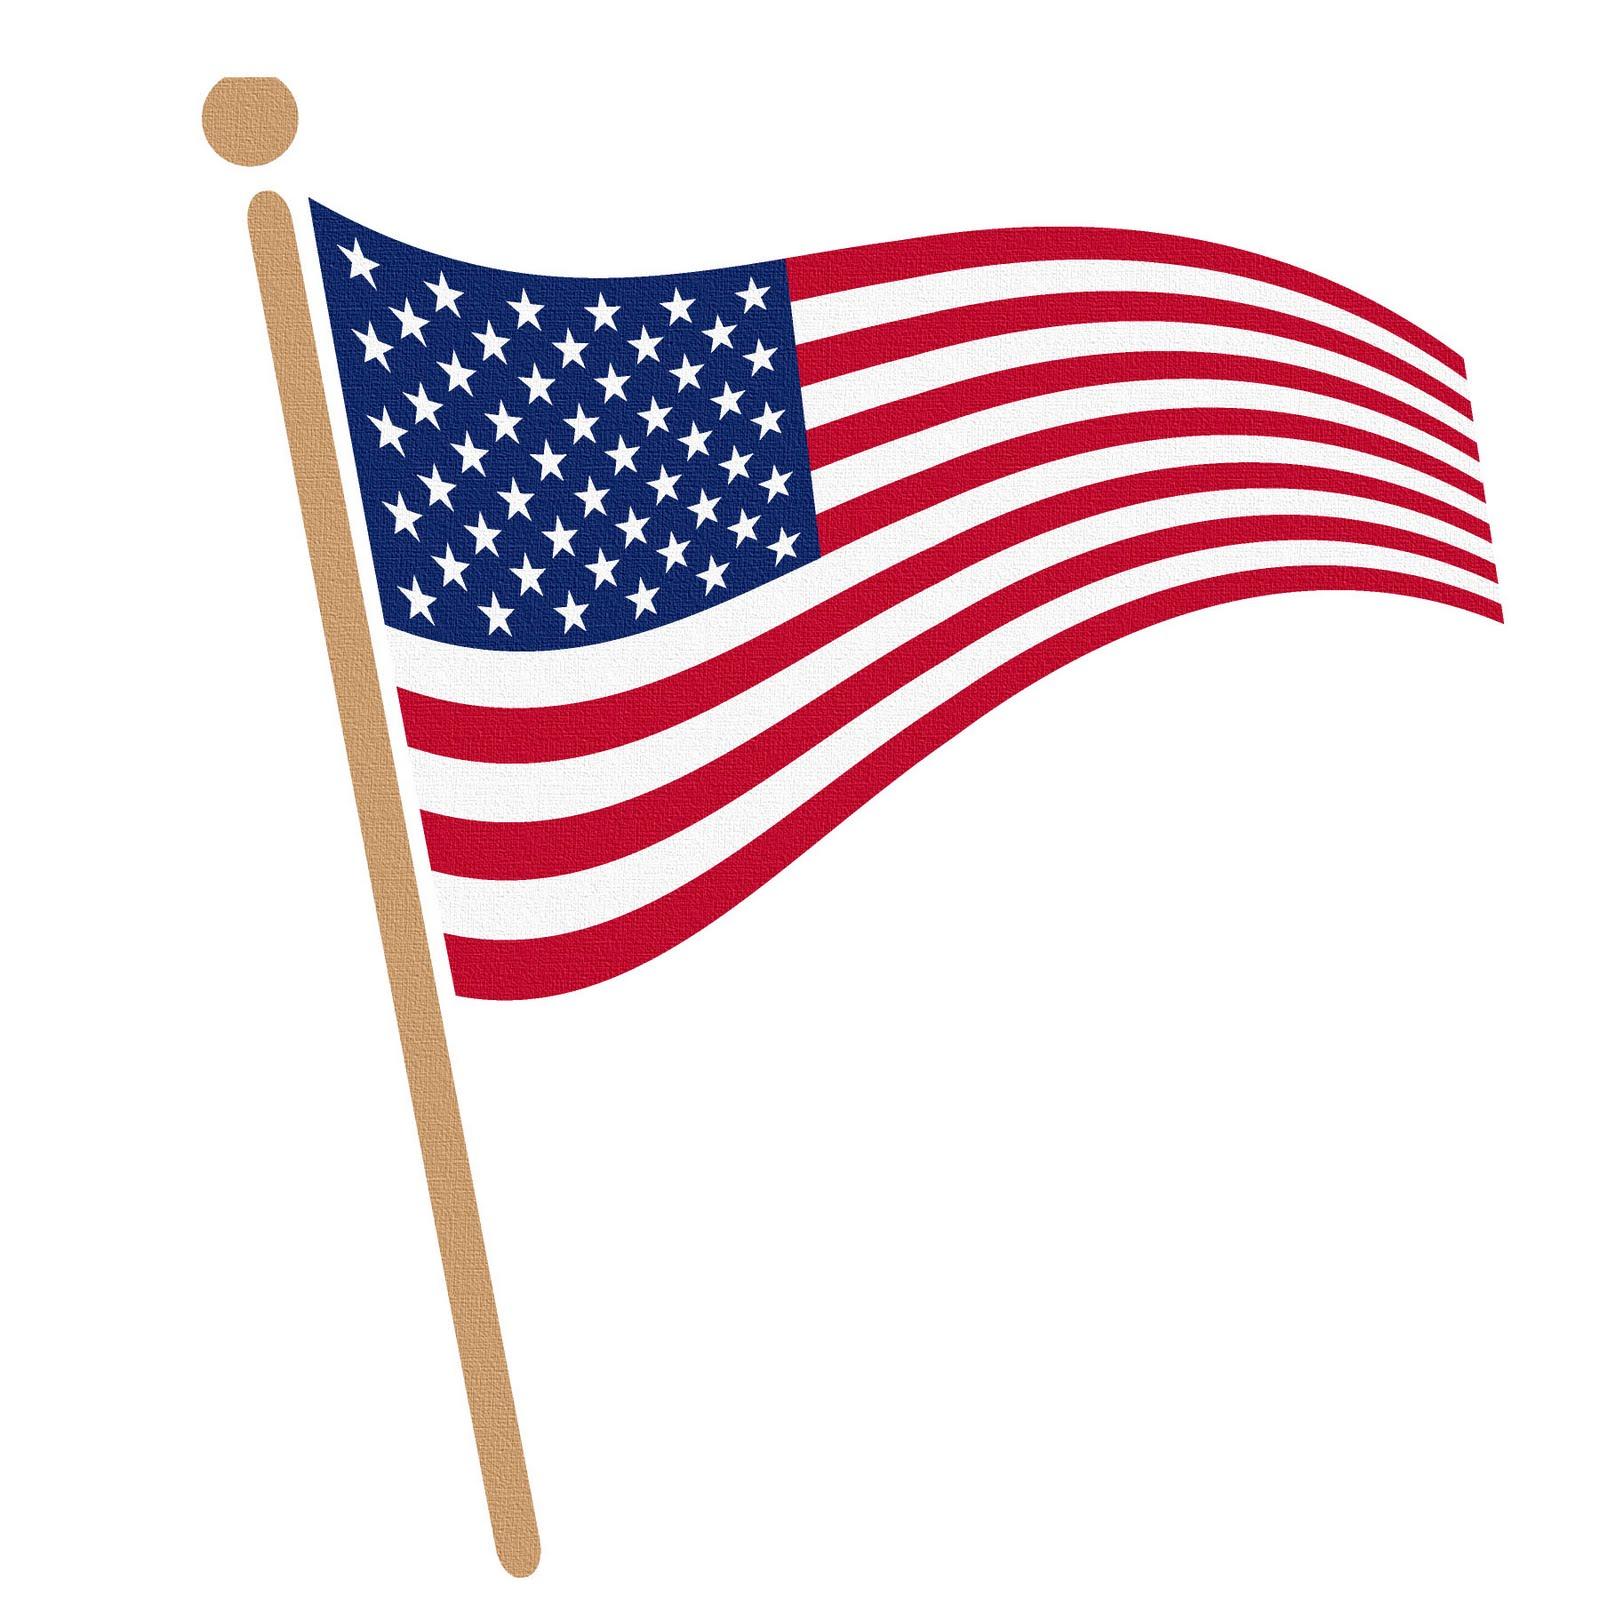 Waving American Flag Clip Art Cliparts C-Waving American Flag Clip Art Cliparts Co-15